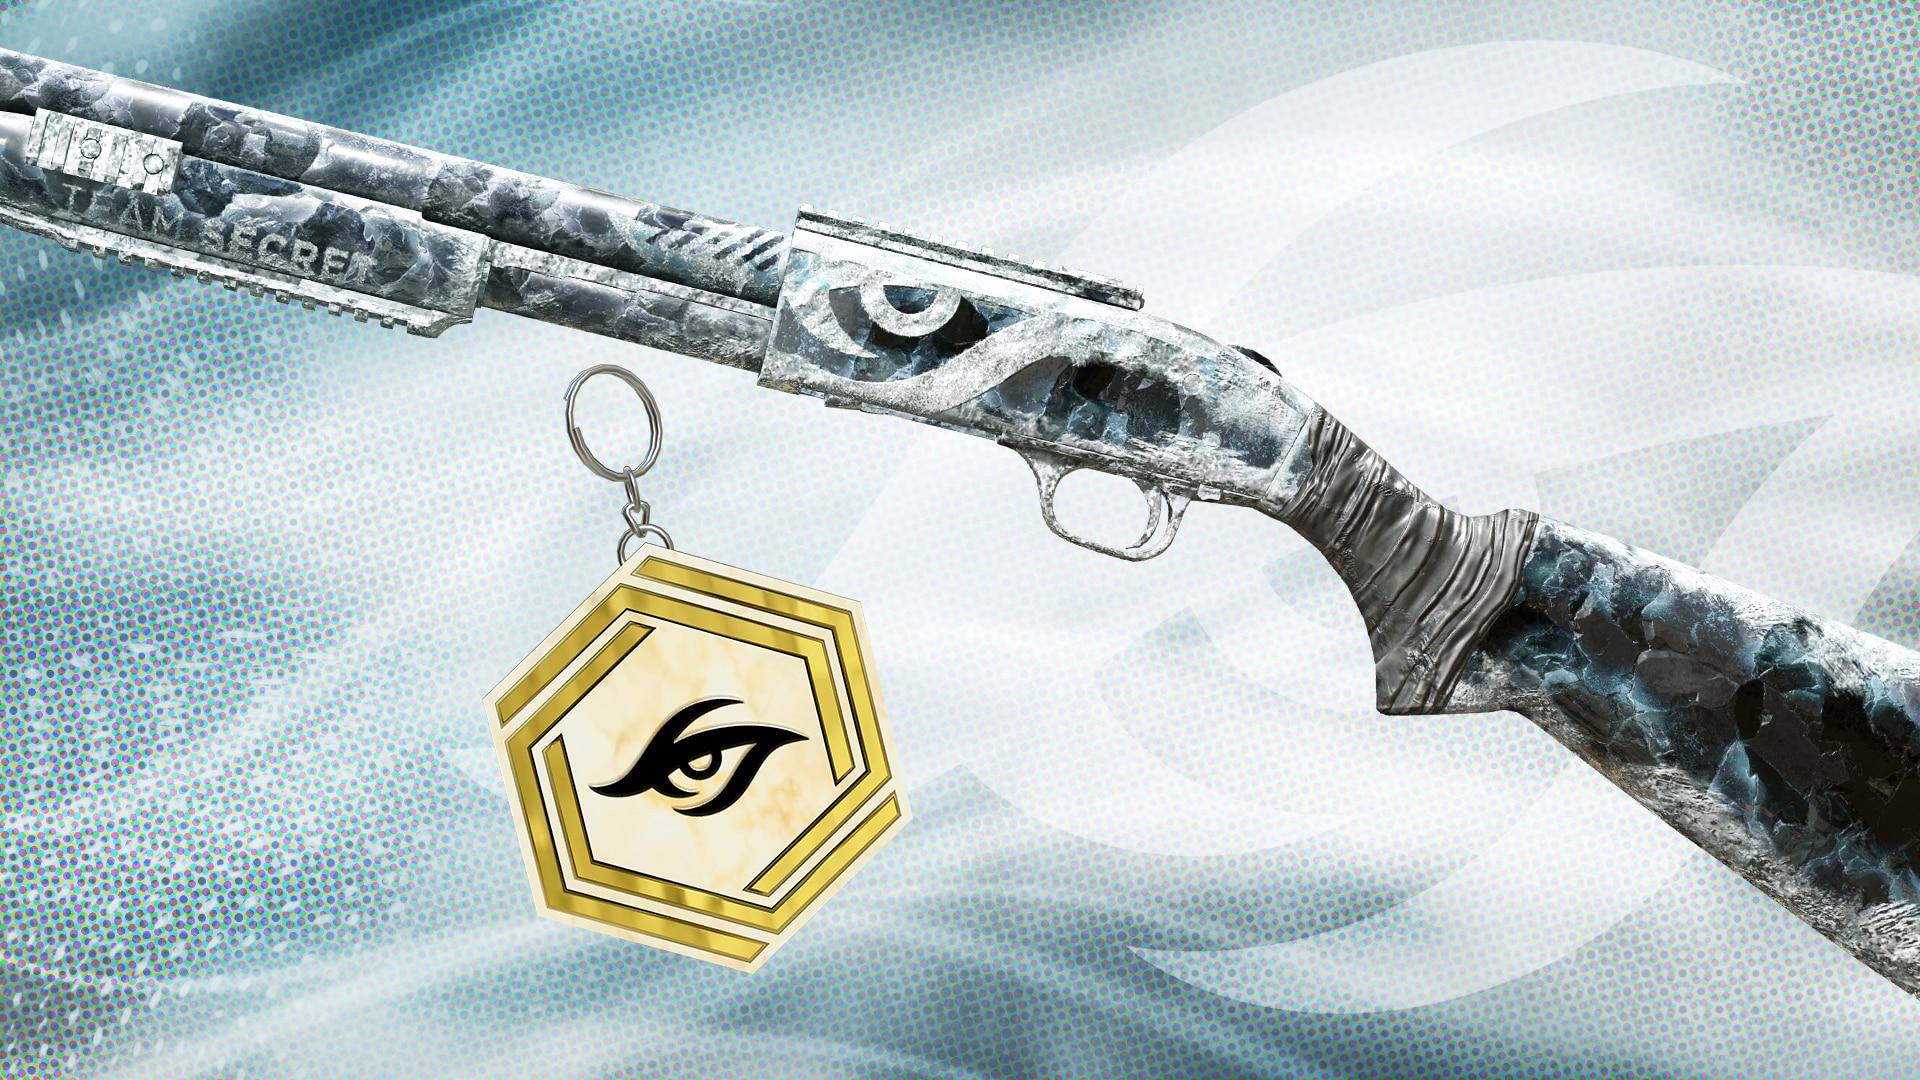 Y6S2 Proteams Secret weaponkit 1920x1080